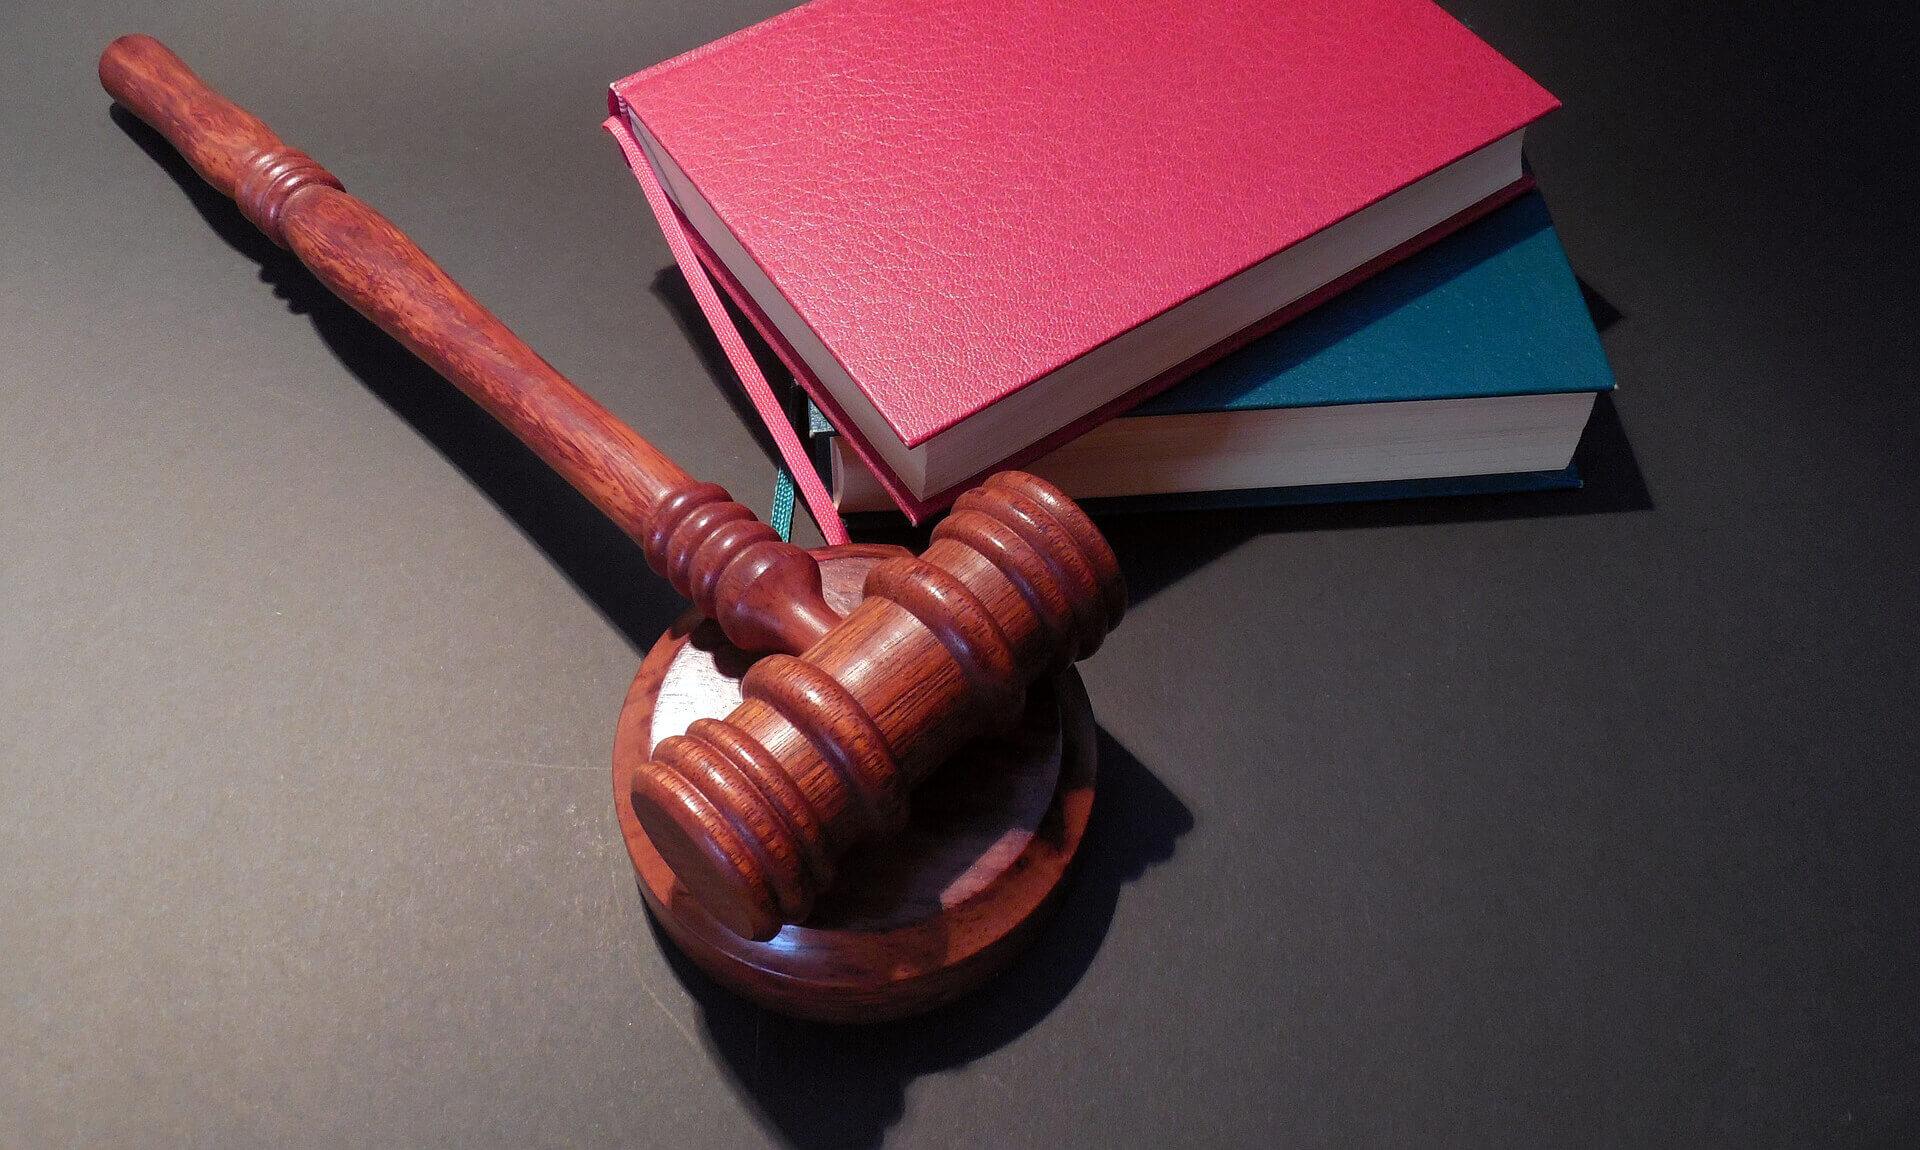 Assault & Battery Lawyer in Illinois | La Grange Lawyer